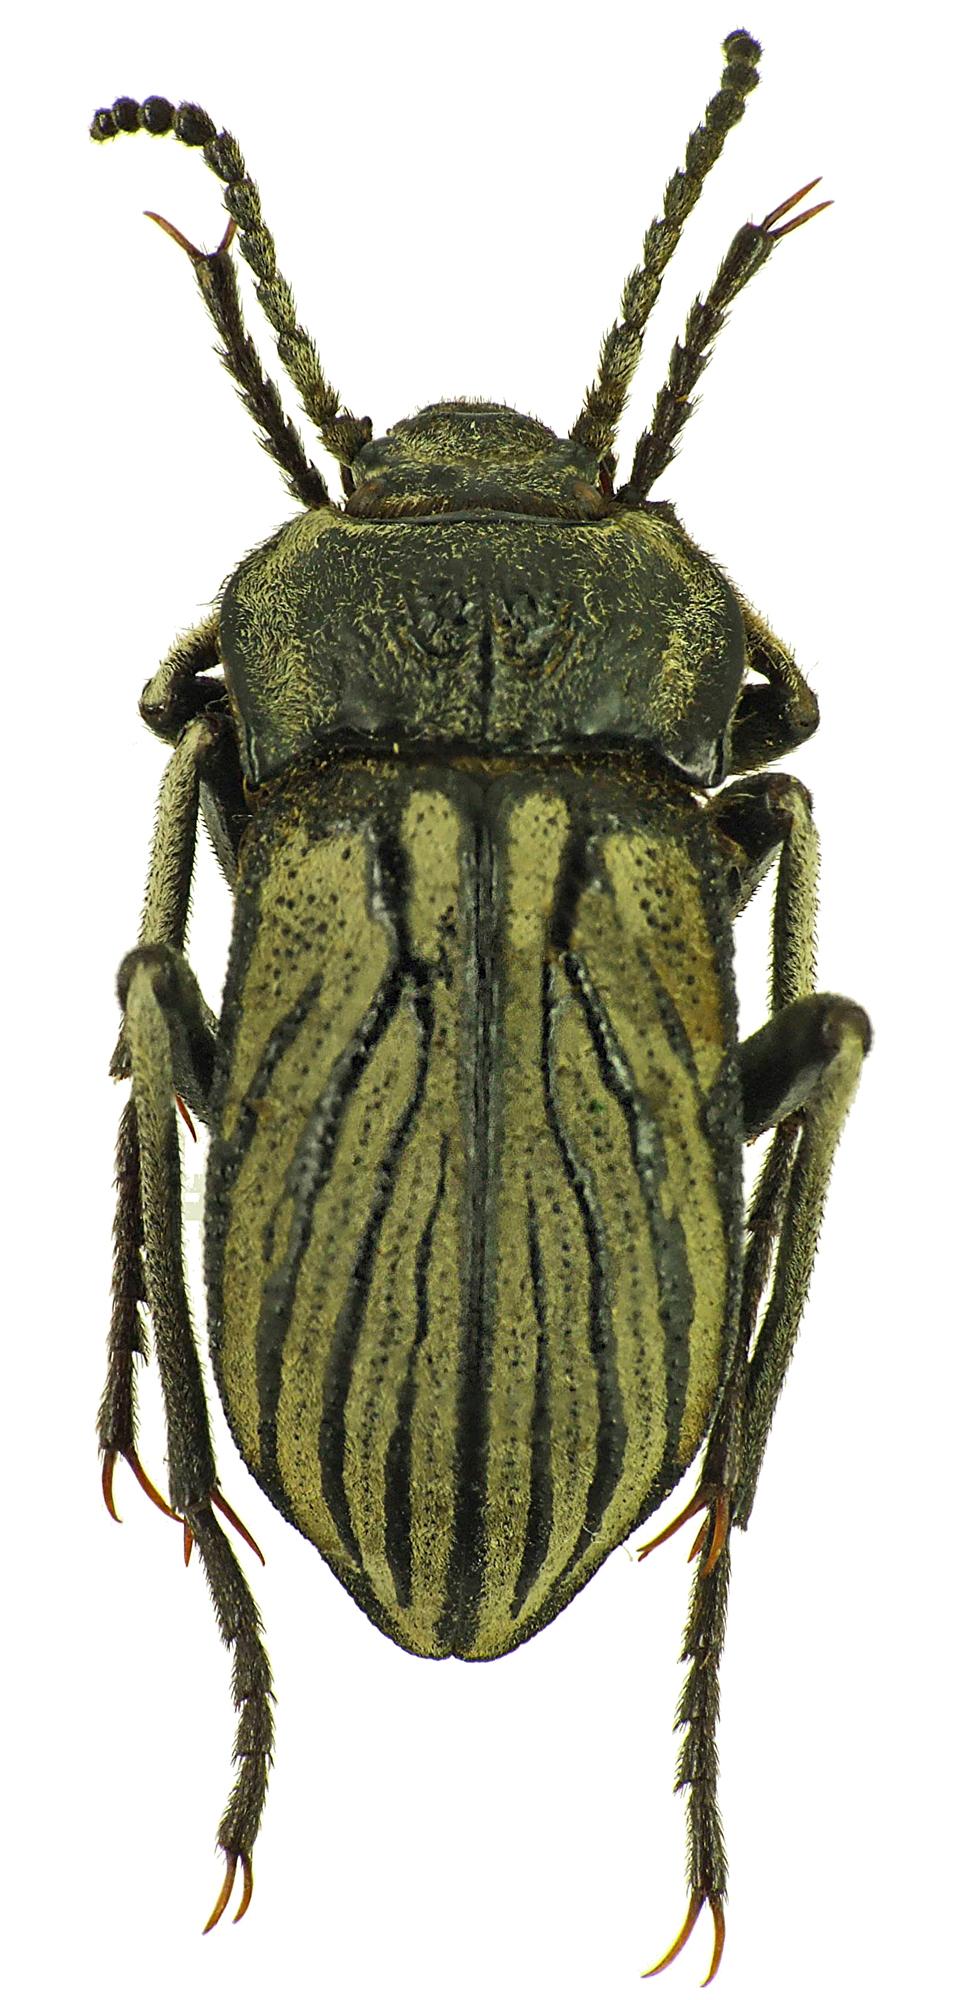 Gyriosomus elongatus 25235cz40.jpg